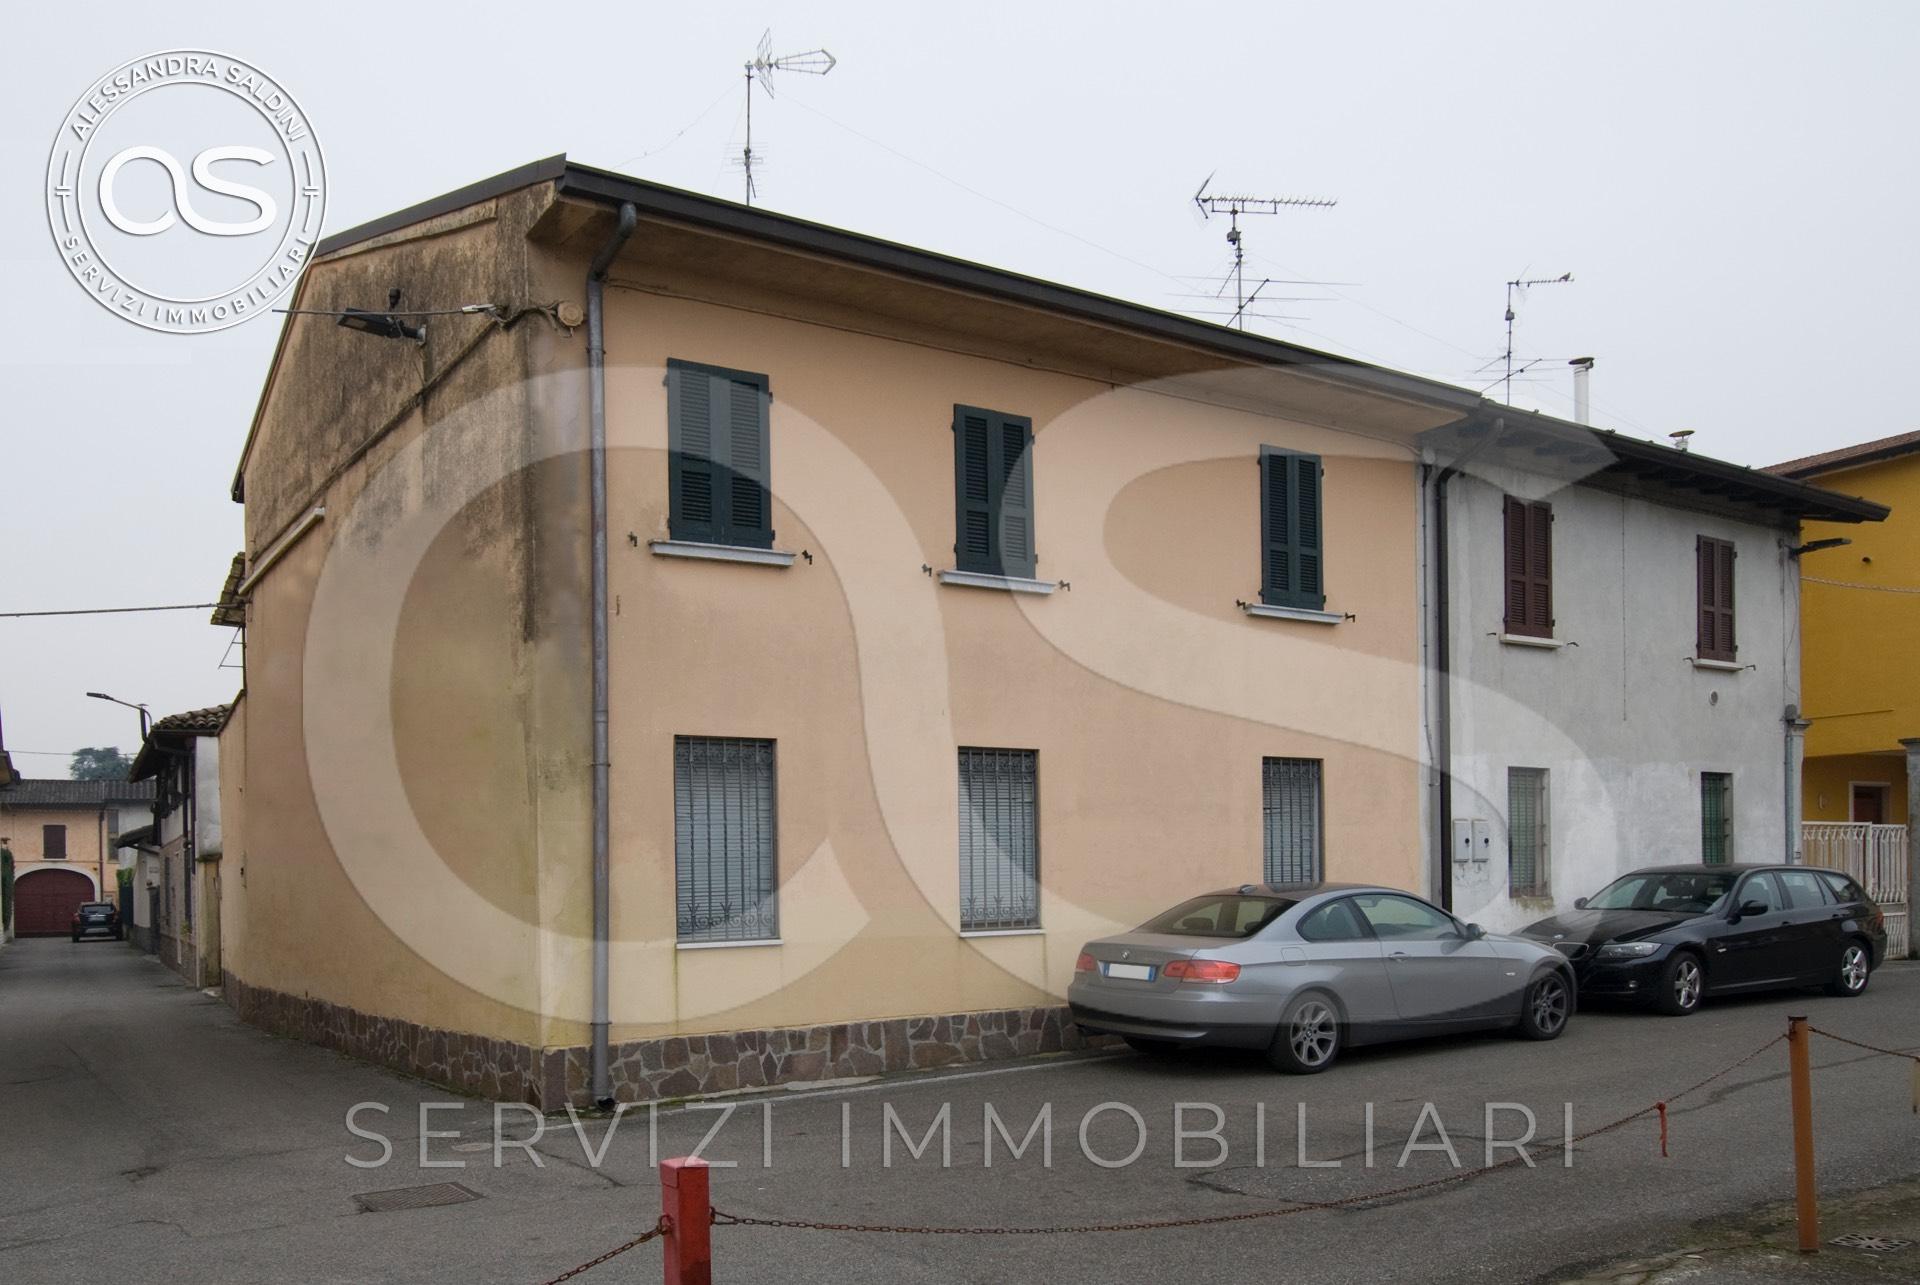 Soluzione Indipendente in vendita a Manerbio, 5 locali, prezzo € 139.000 | PortaleAgenzieImmobiliari.it